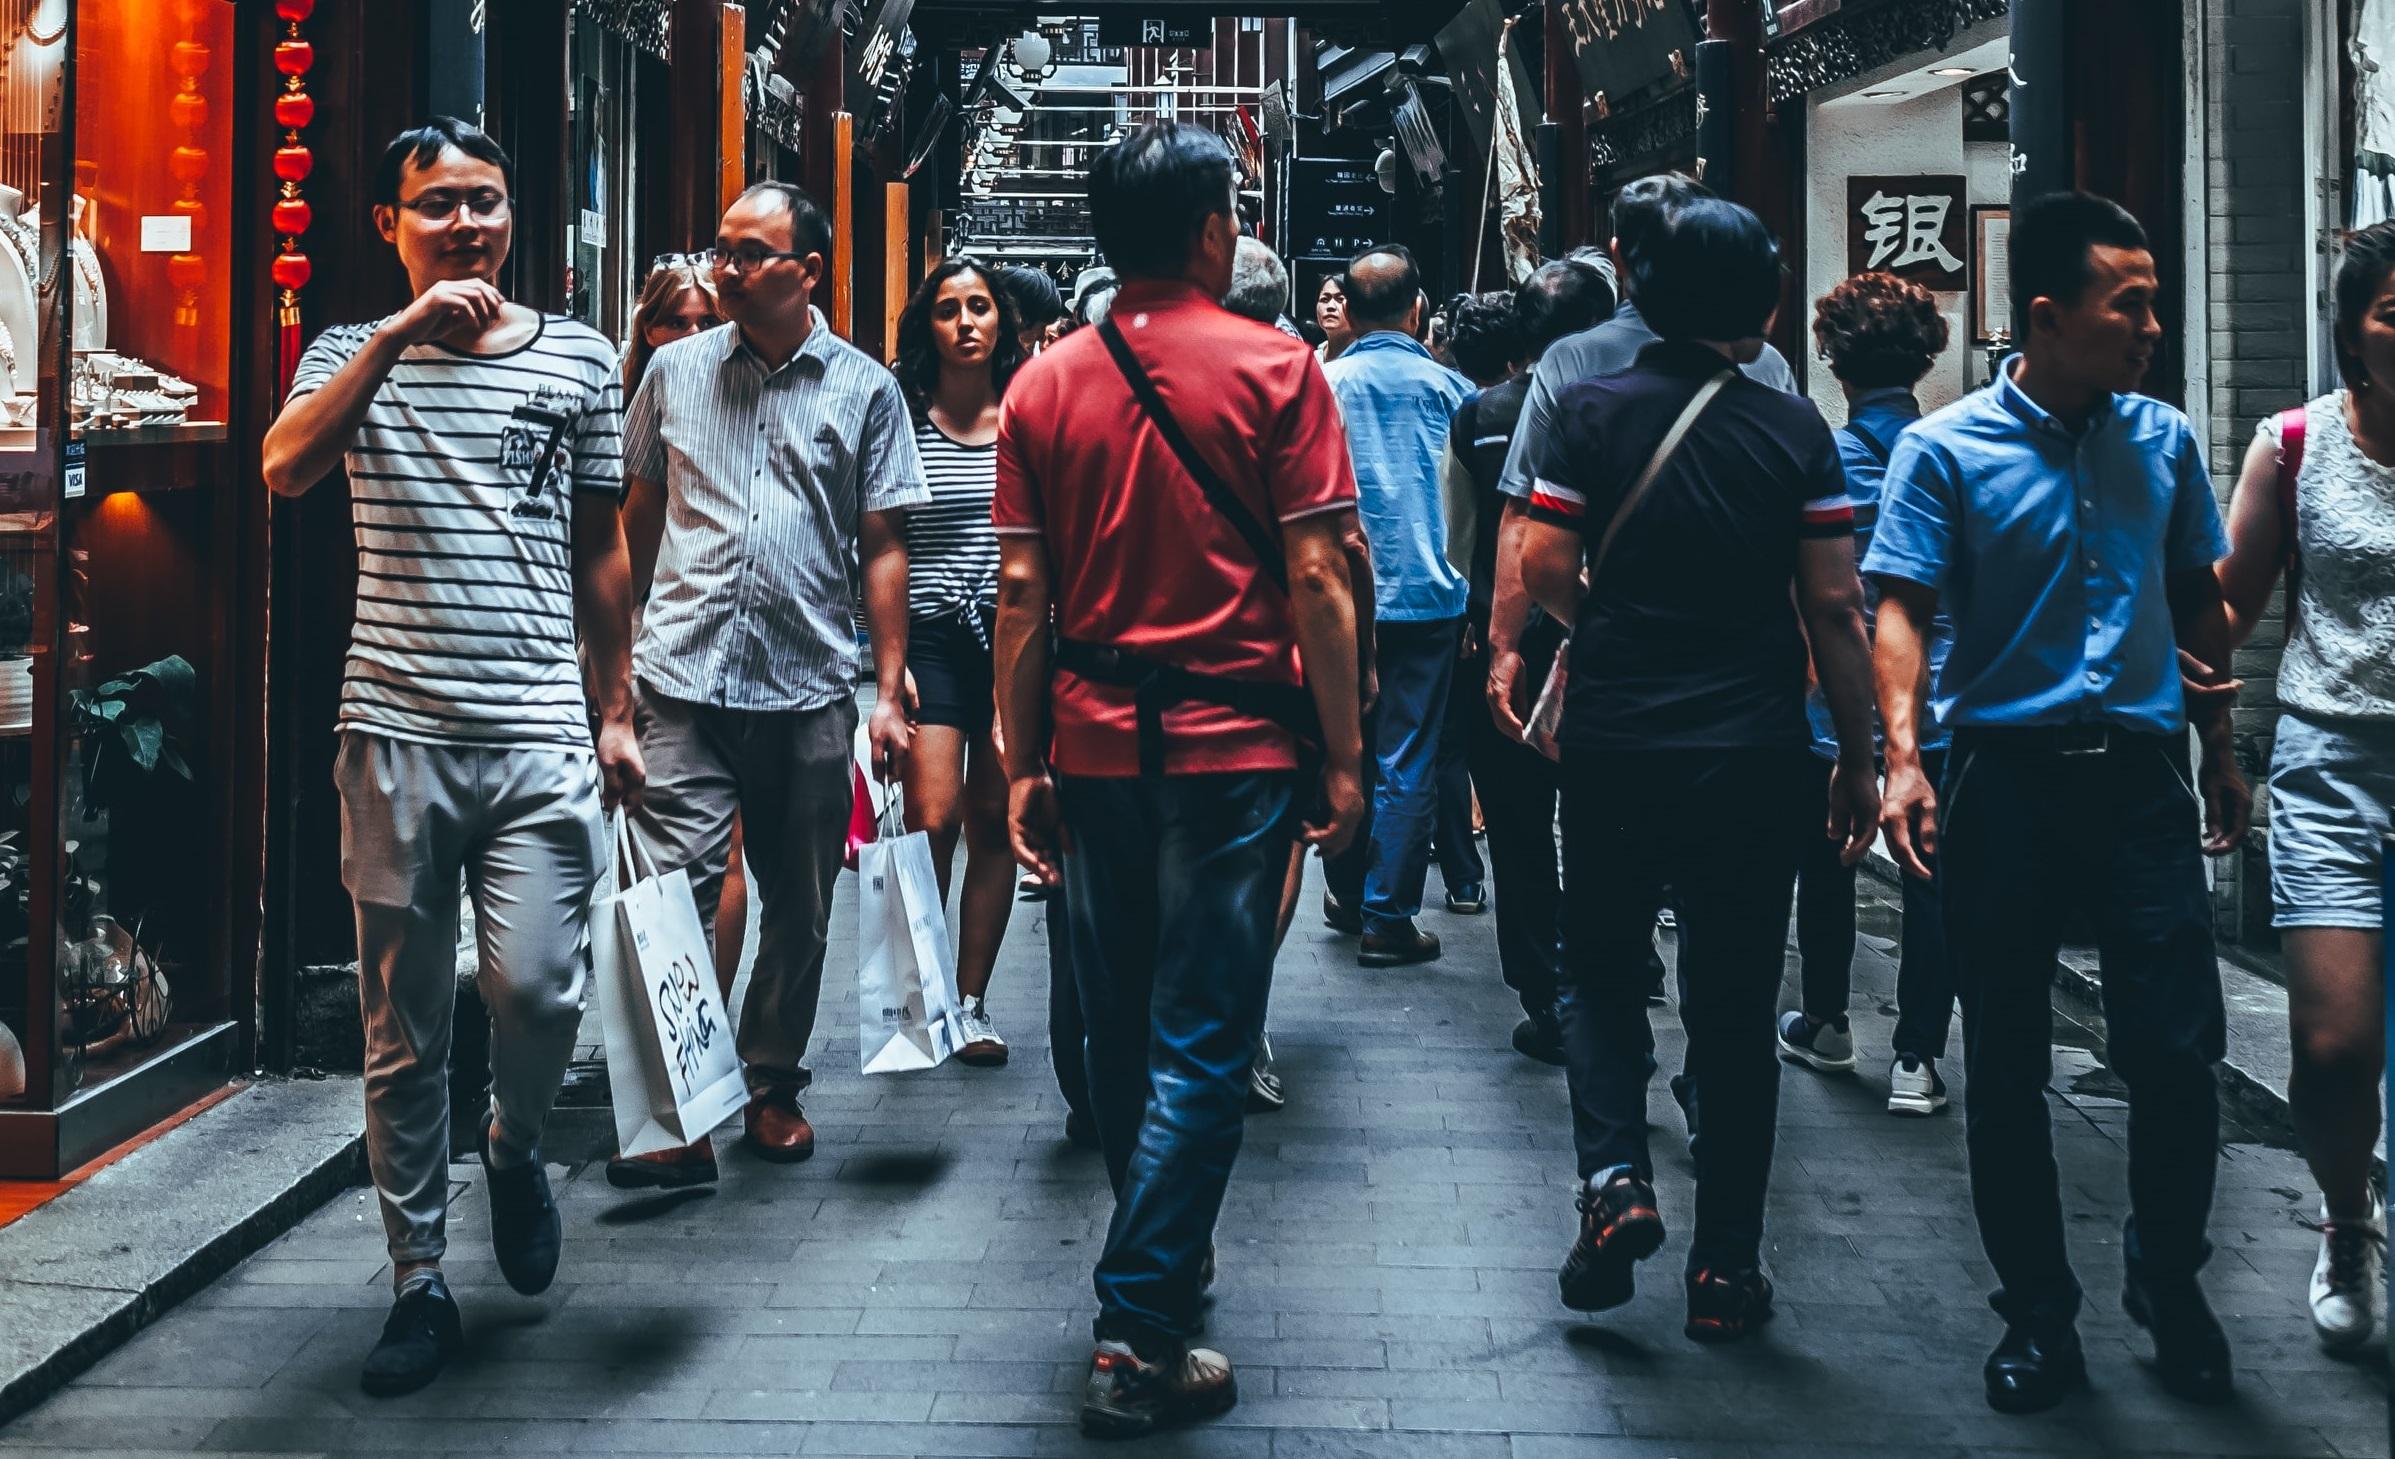 Wuhan renunță la mască, în timp ce tot mai multe orașe din Europa o impun până și în aer liber